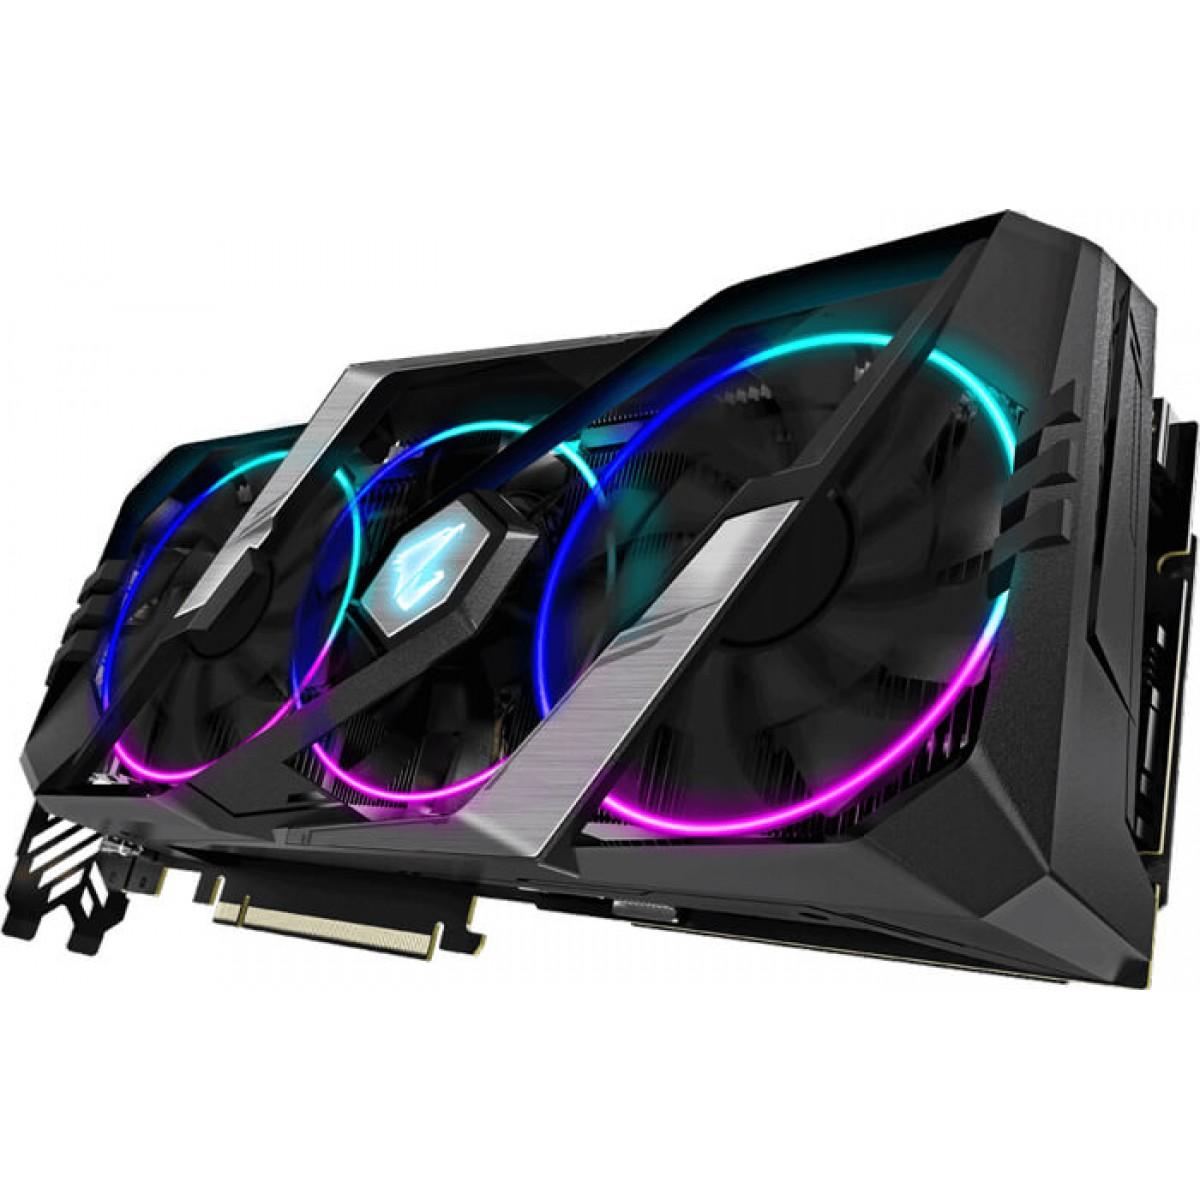 Placa de Vídeo Gigabyte Aorus GeForce RTX 2080 Super, 8GB GDDR6, 256Bit, GV-N208SAORUS-8GC